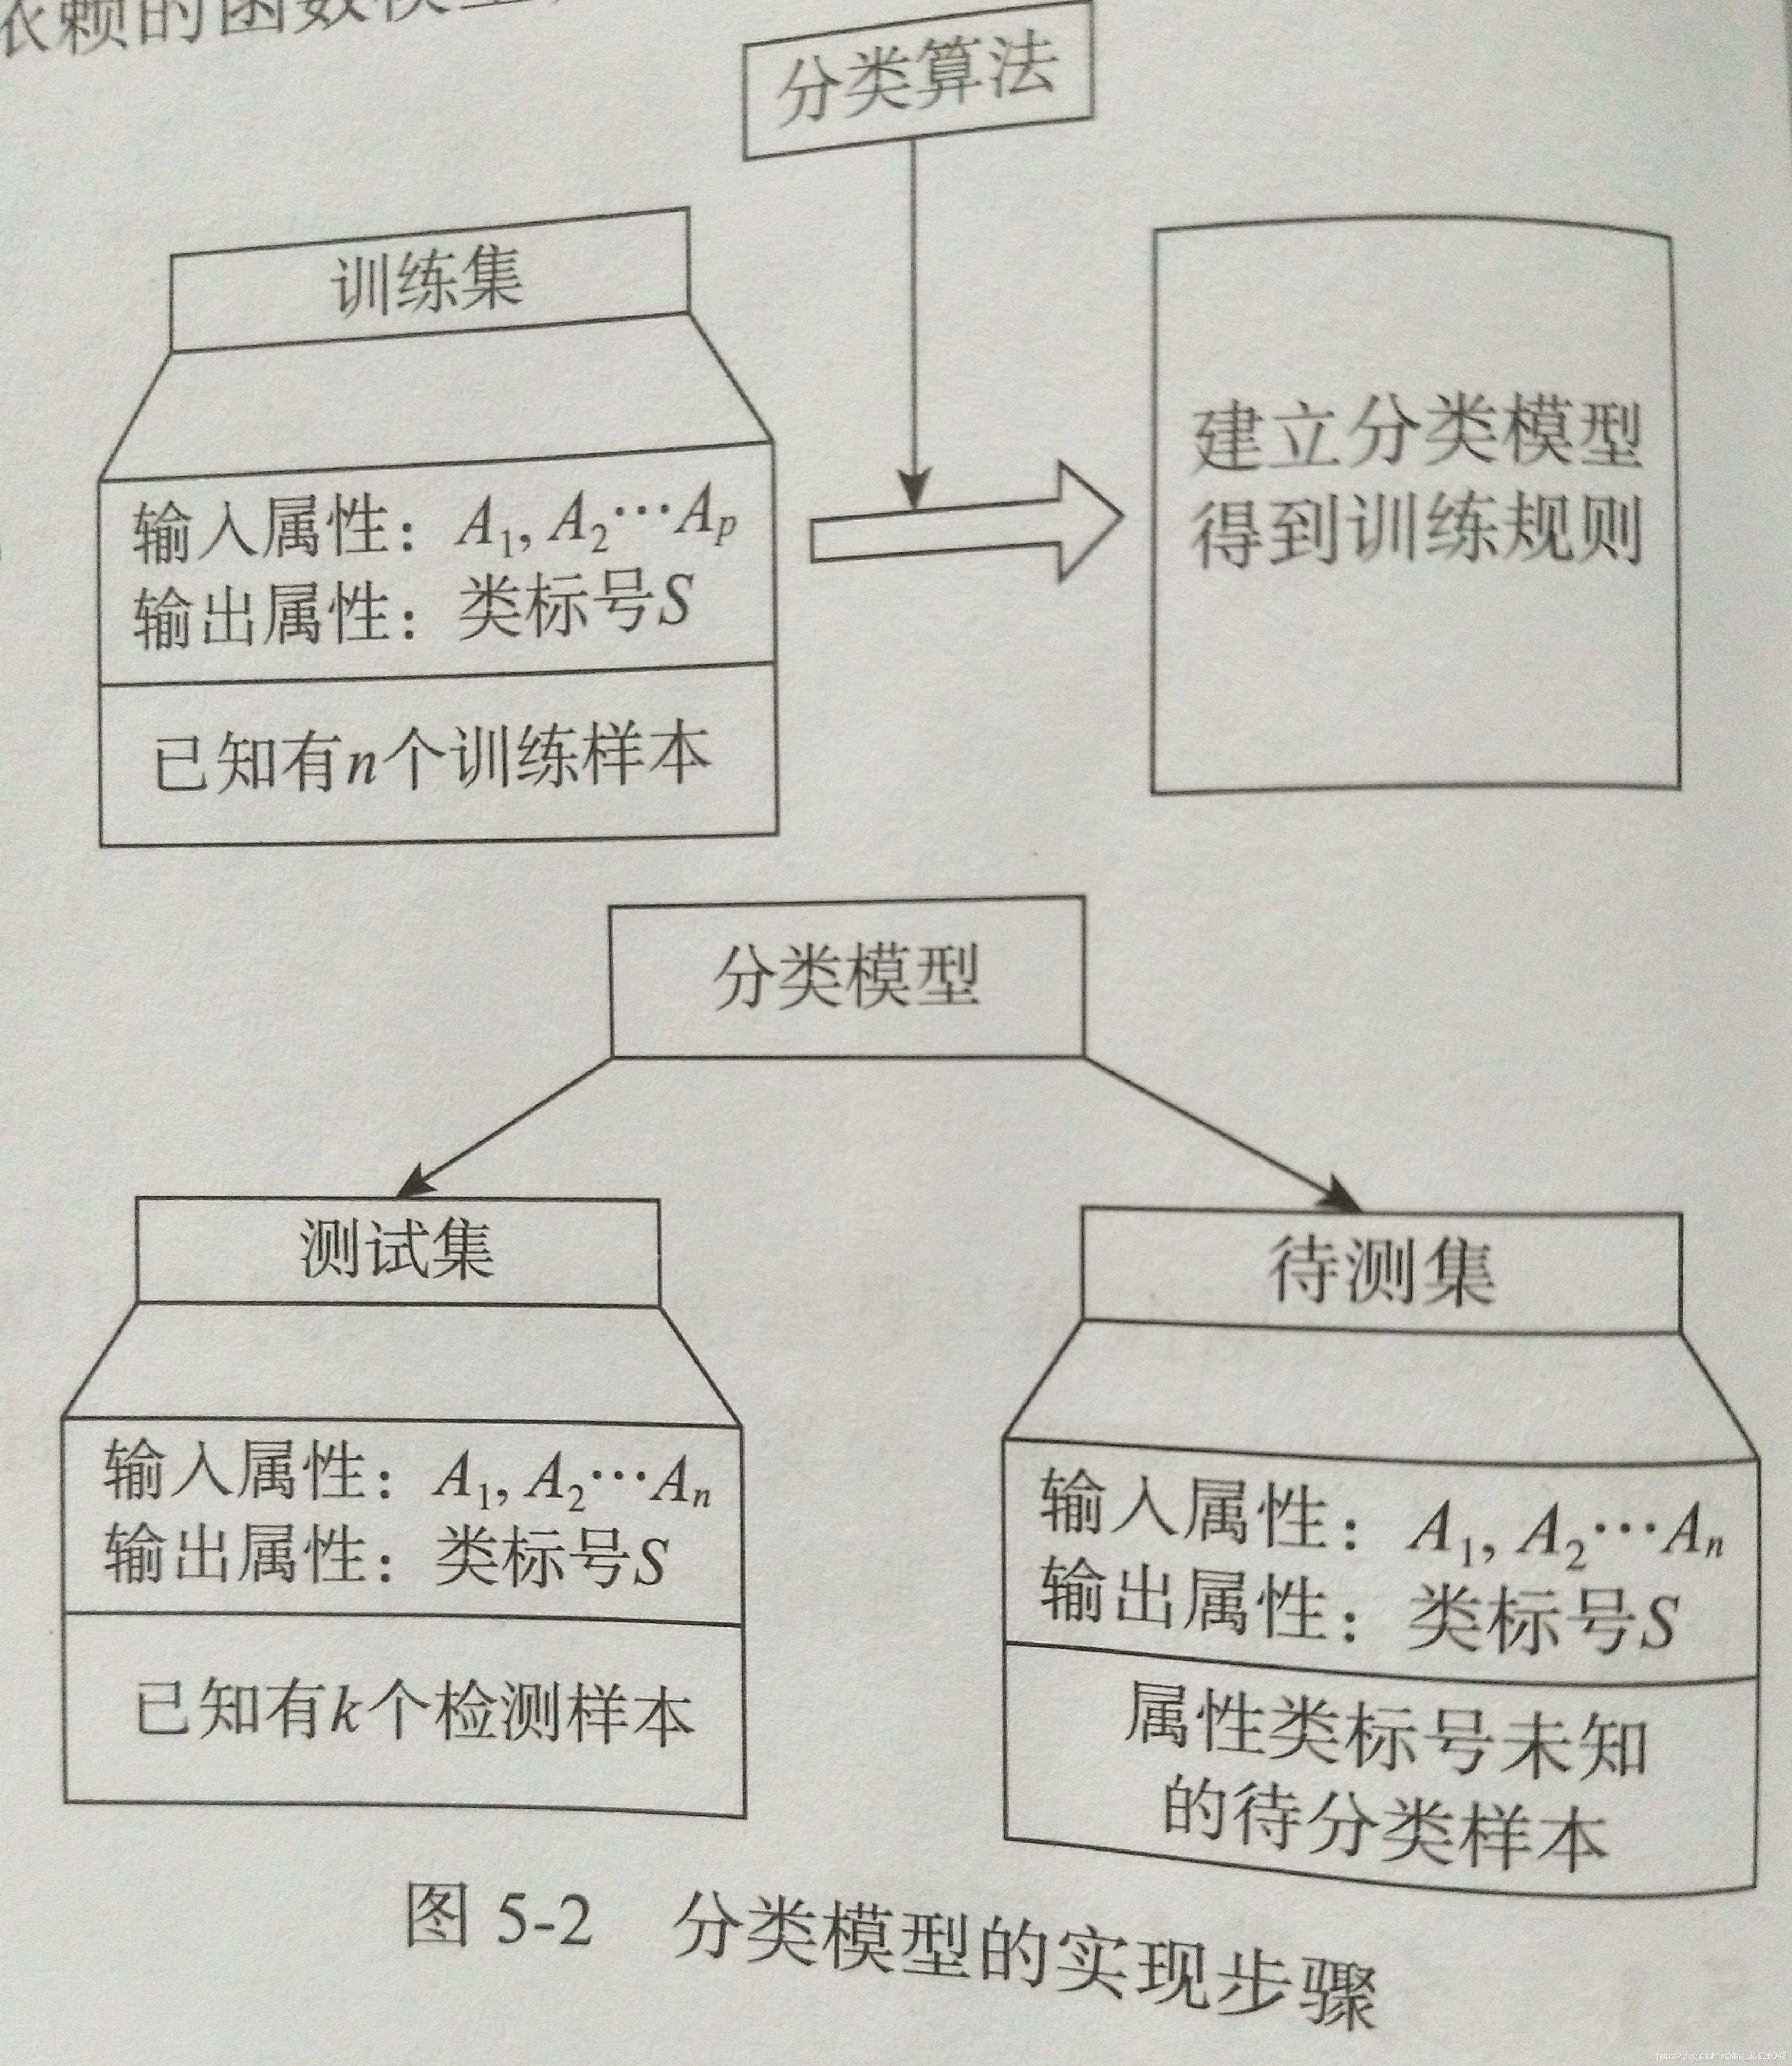 分类模型的实现步骤